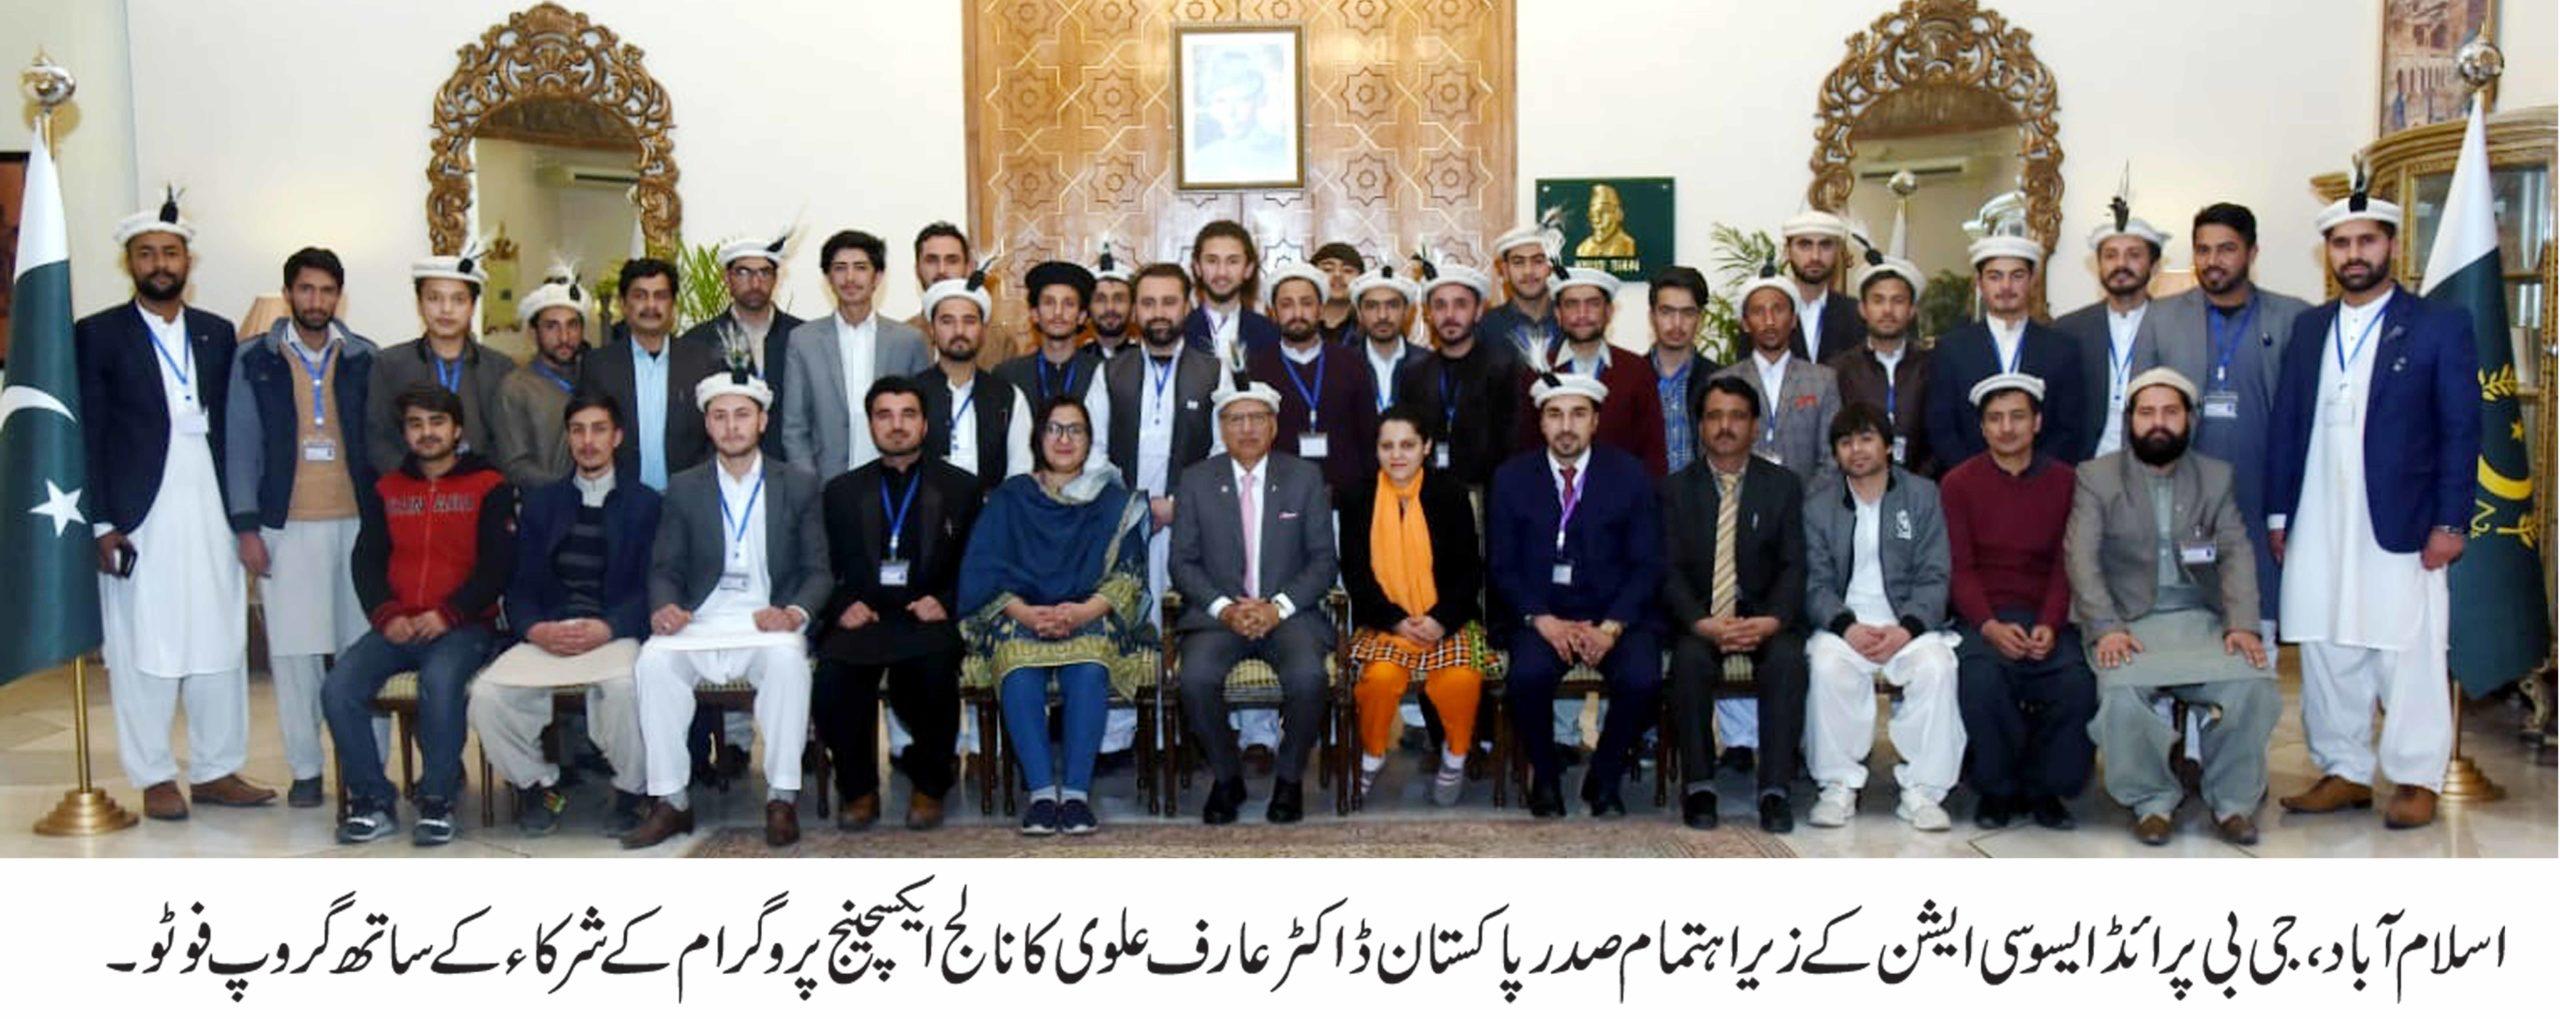 گلگت بلتستان پرائیڈ نام ادارے کے زیر اہتمام منعقدہ 'ایکسچینج پروگرام' کے تحت نوجوانوں کے ایک گروہ کی صدر مملکت سے ملاقات